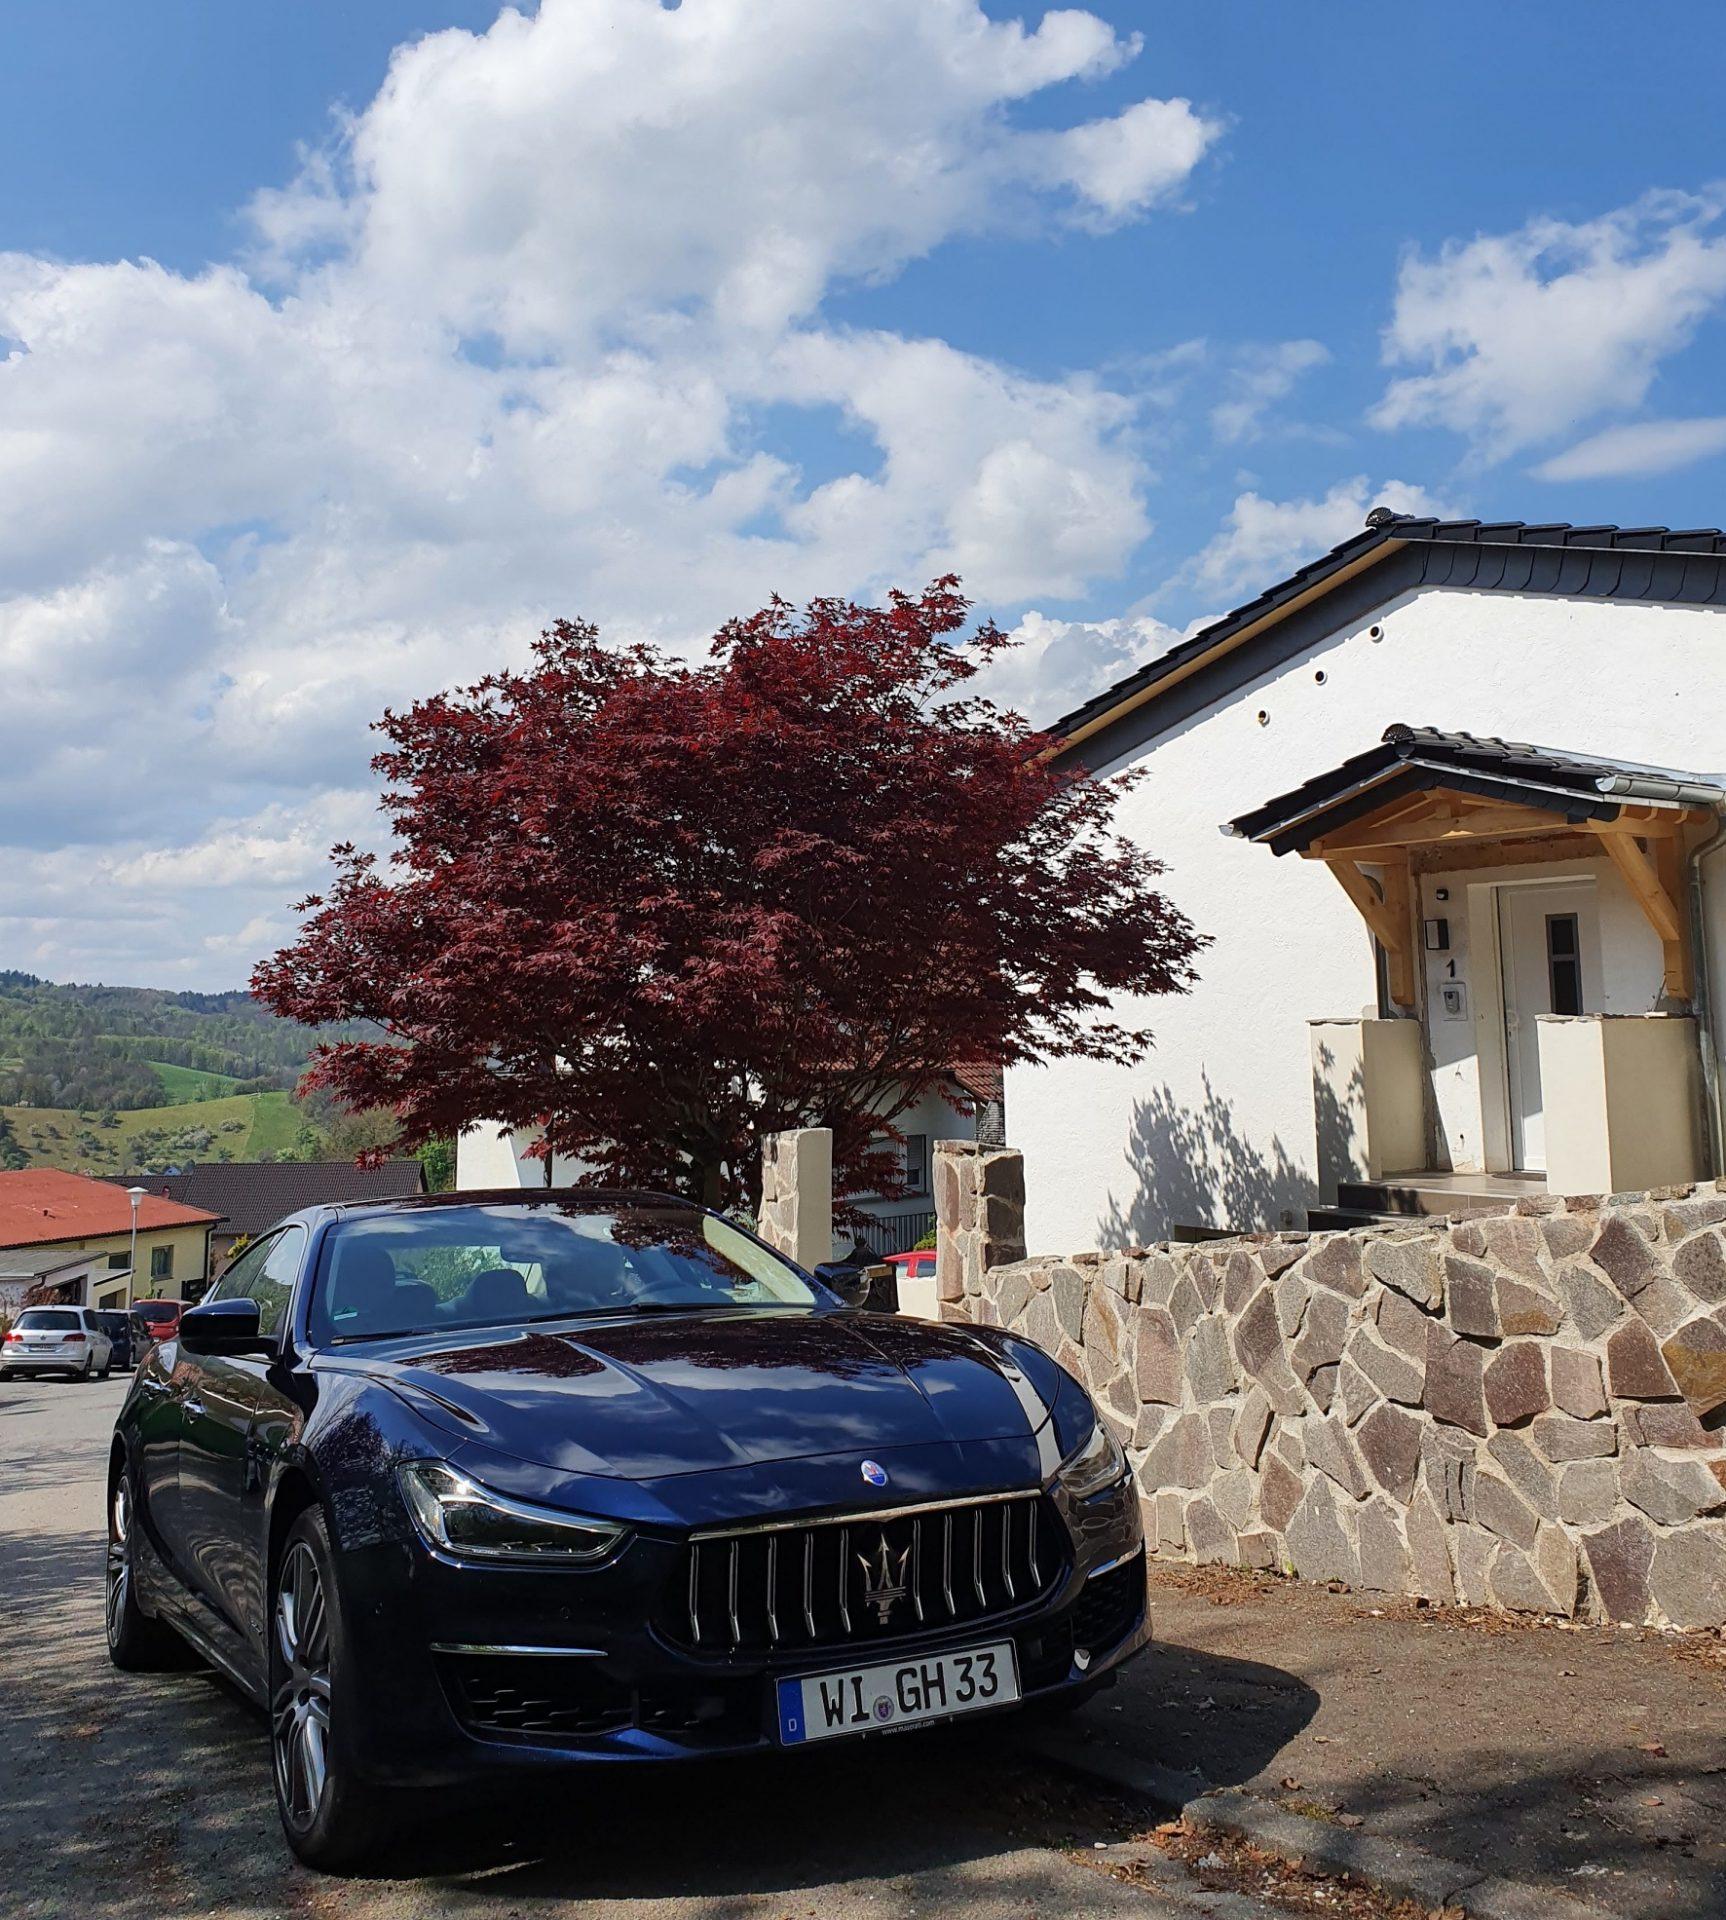 """Im Luxus-Italiener mit """"Urano-Design"""" auf Probefahrt"""